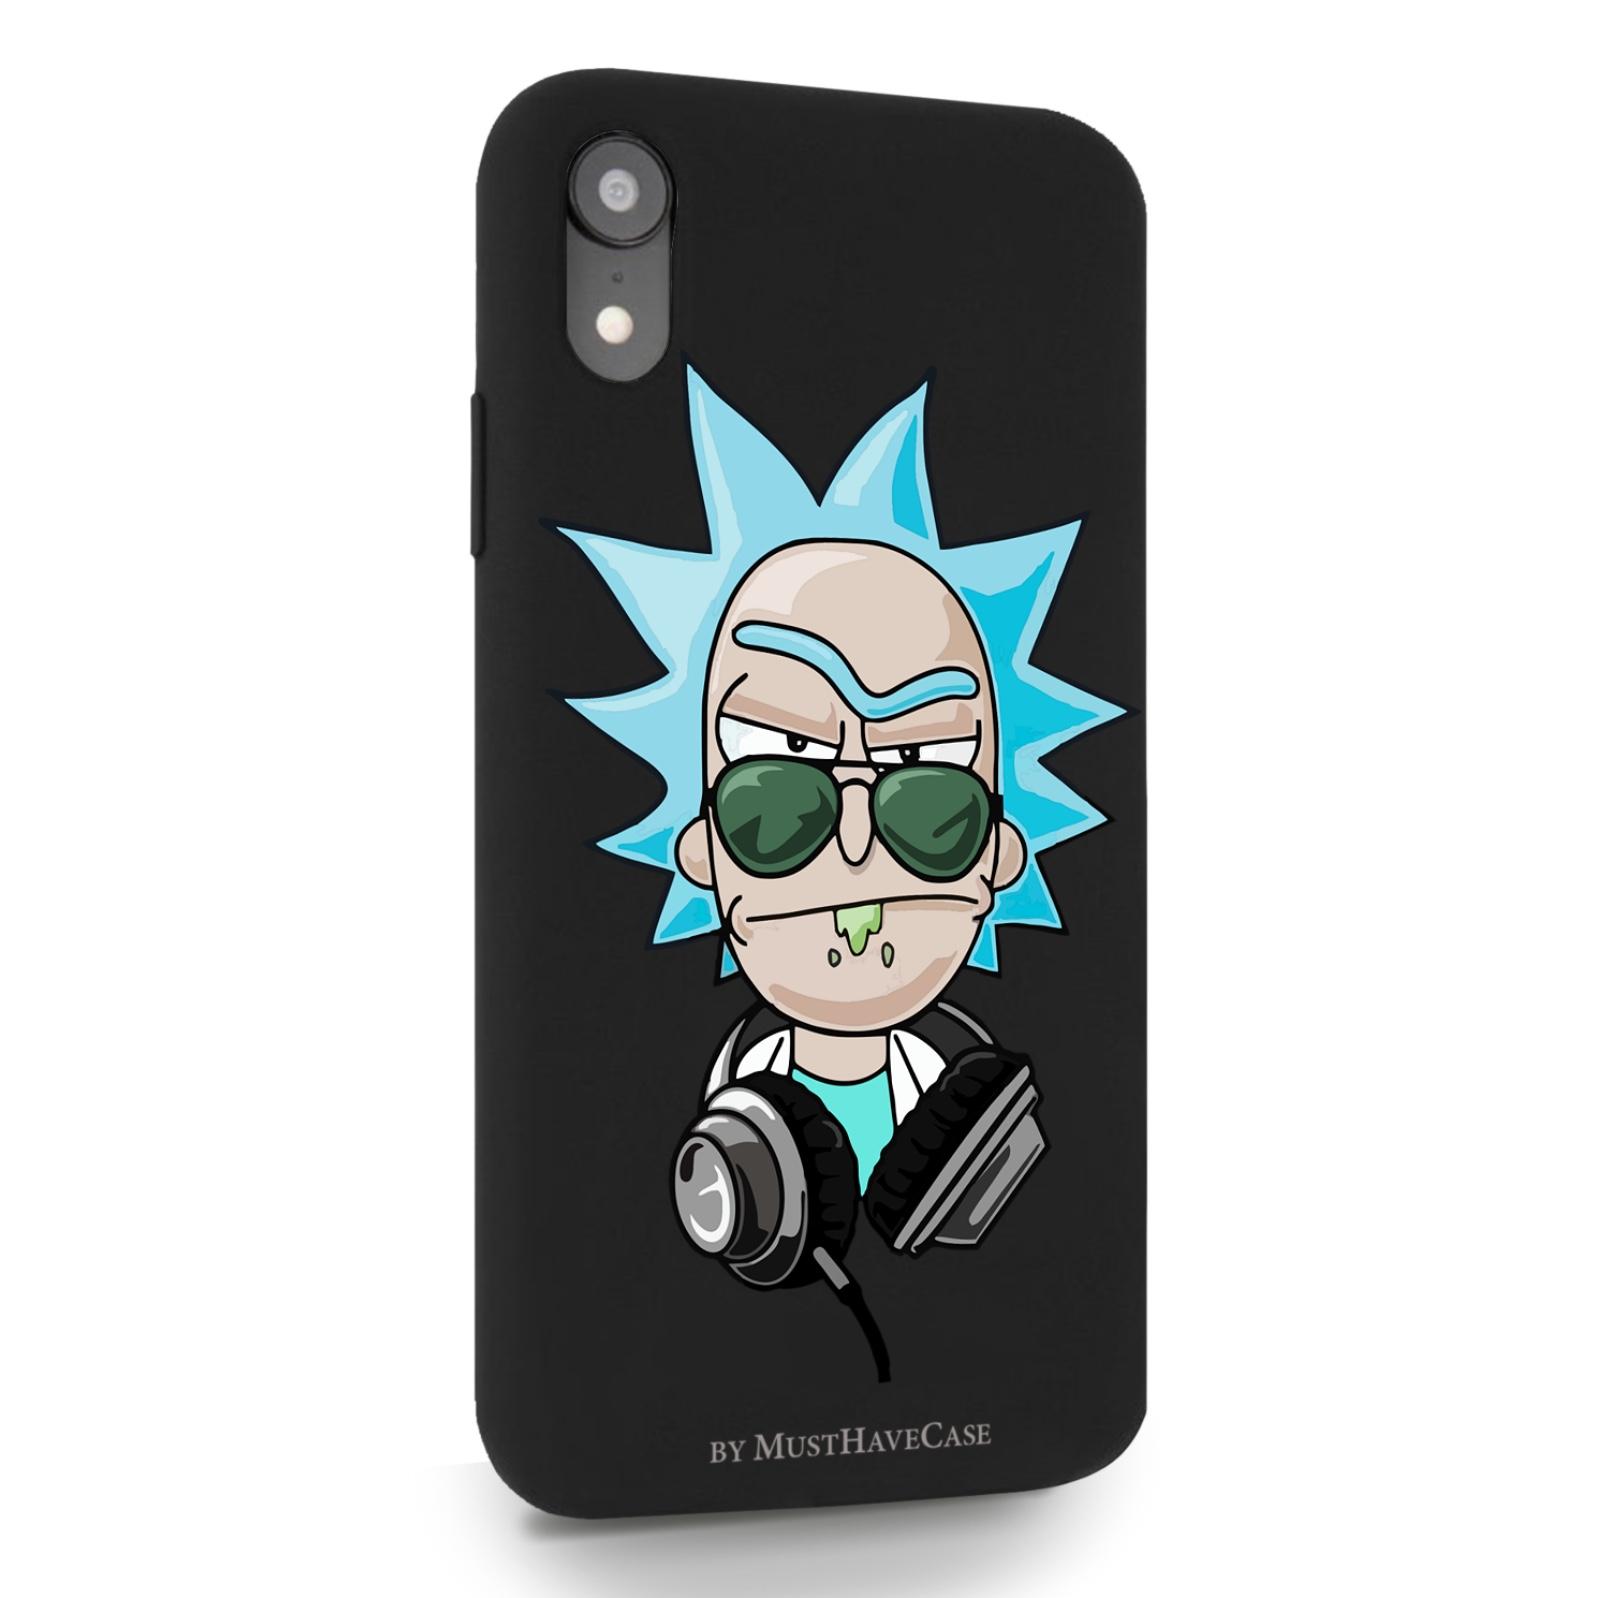 Черный силиконовый чехол для iPhone XR Rick/ Рик и Морти для Айфон 10R